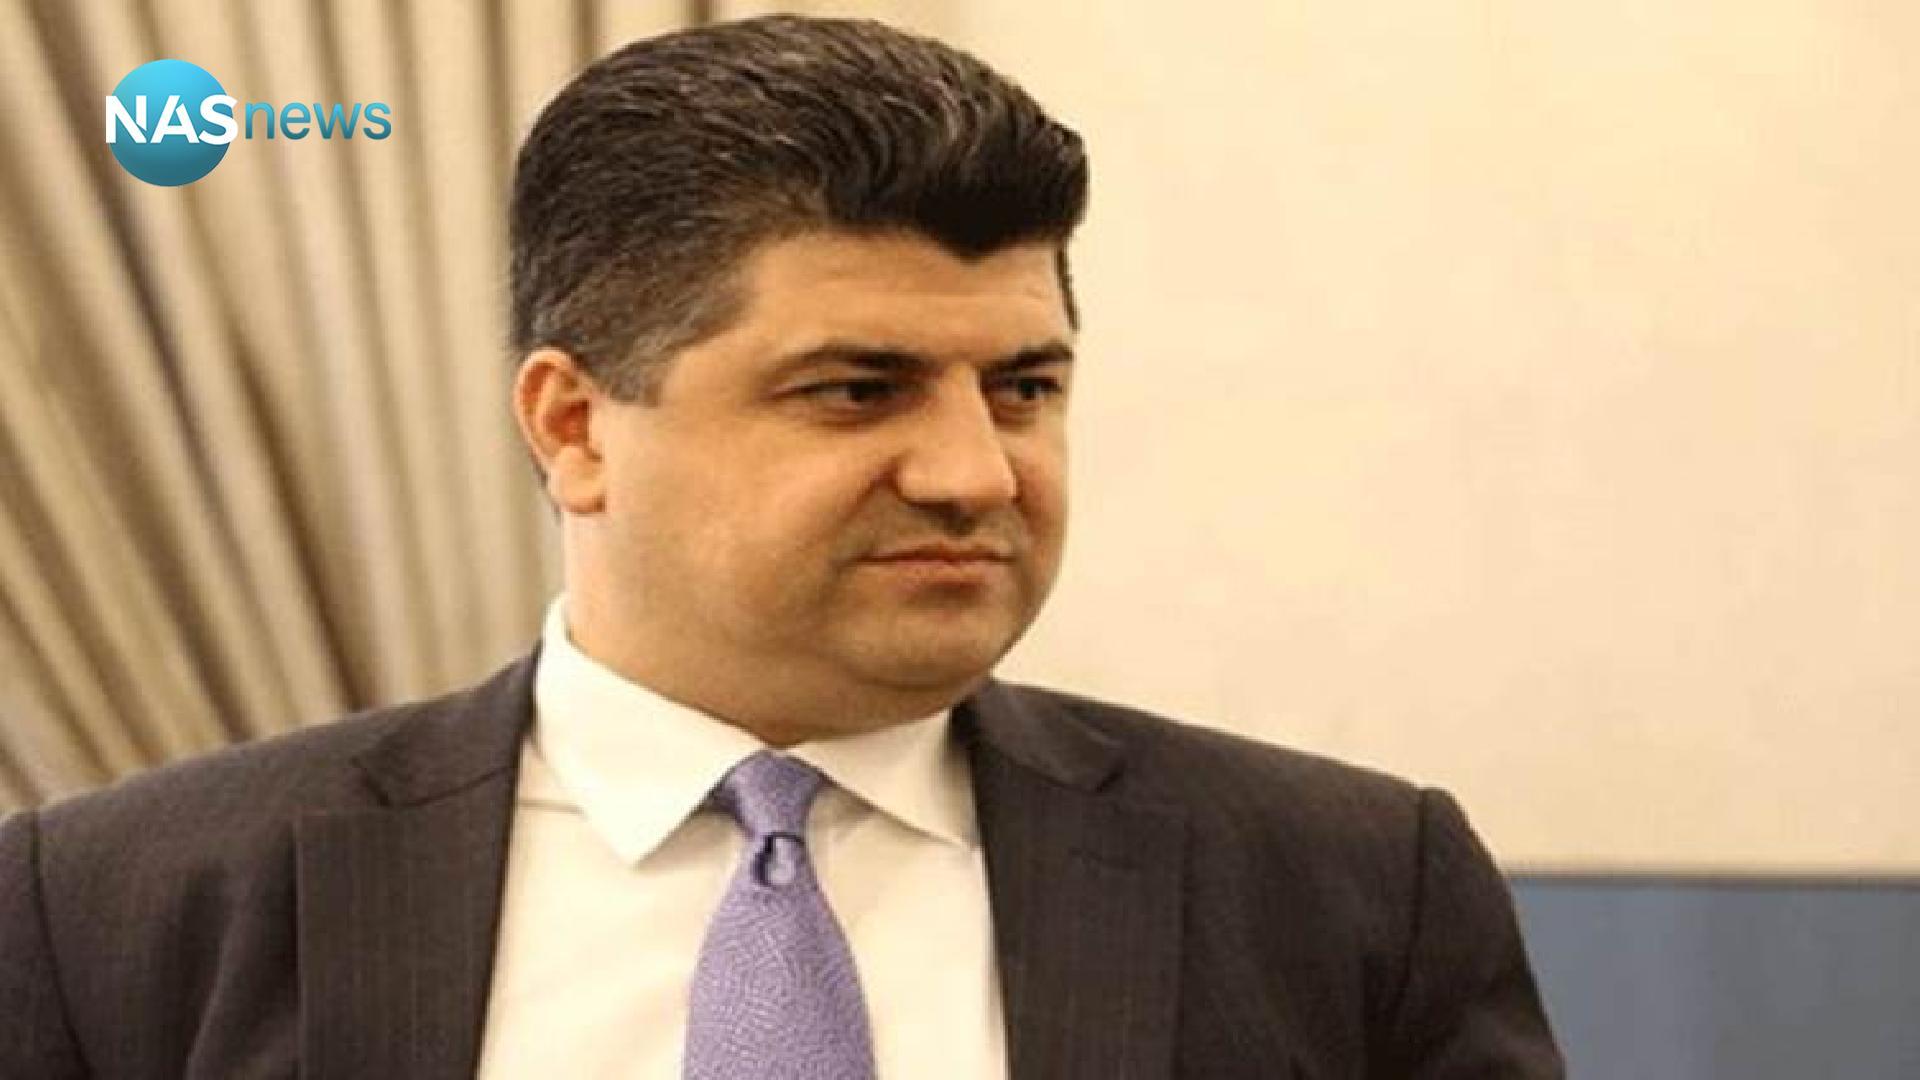 لاهور شيخ جنكي يصدر بياناً بعد التطورات الأخيرة في السليمانية